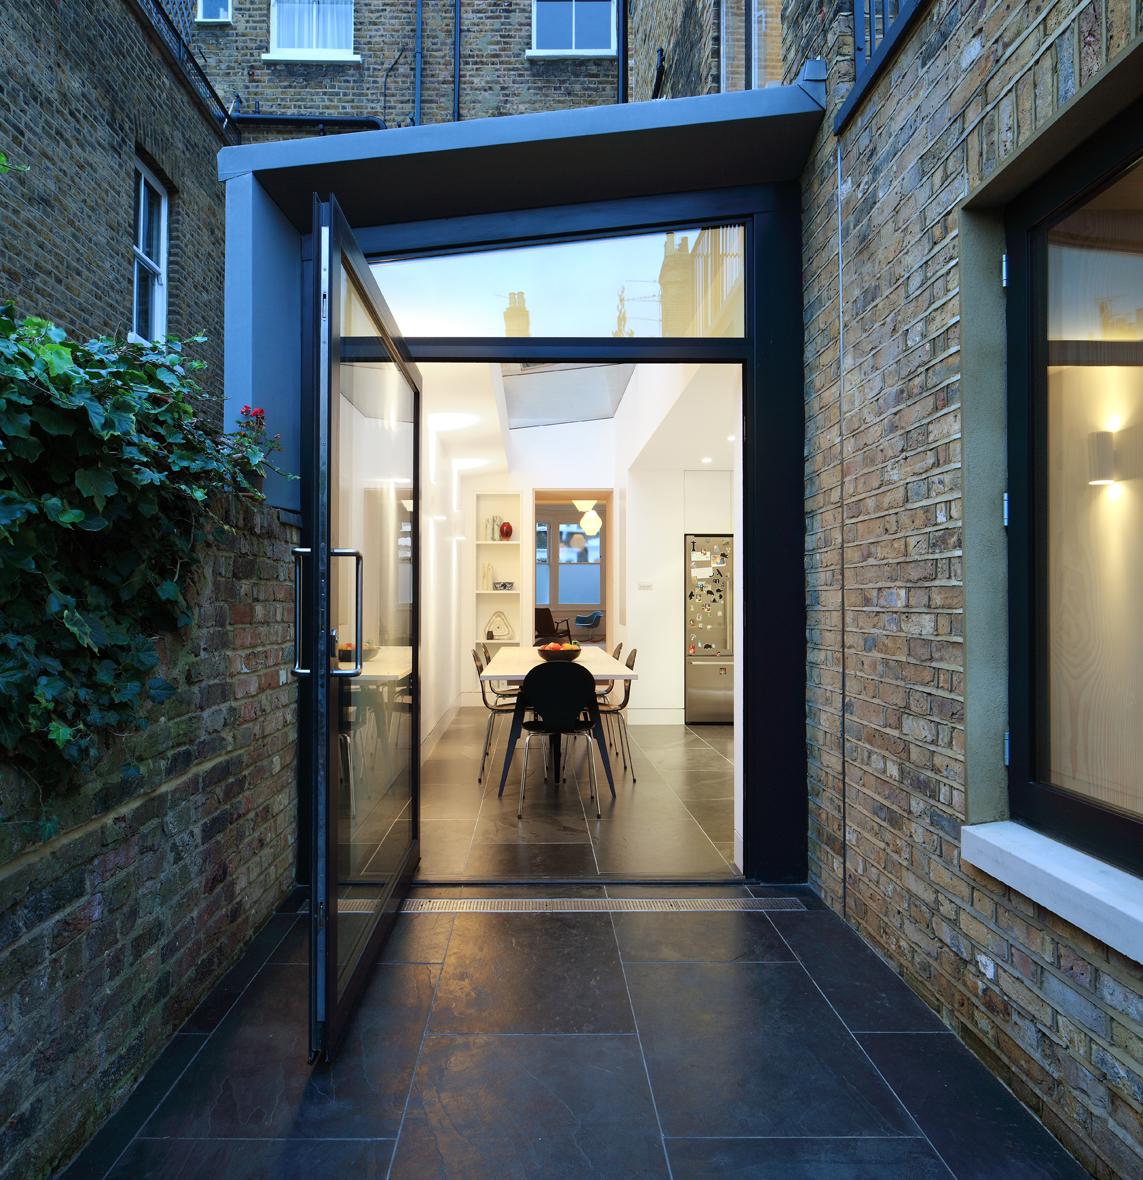 Kitchen Garden London: Platform 5 Architects